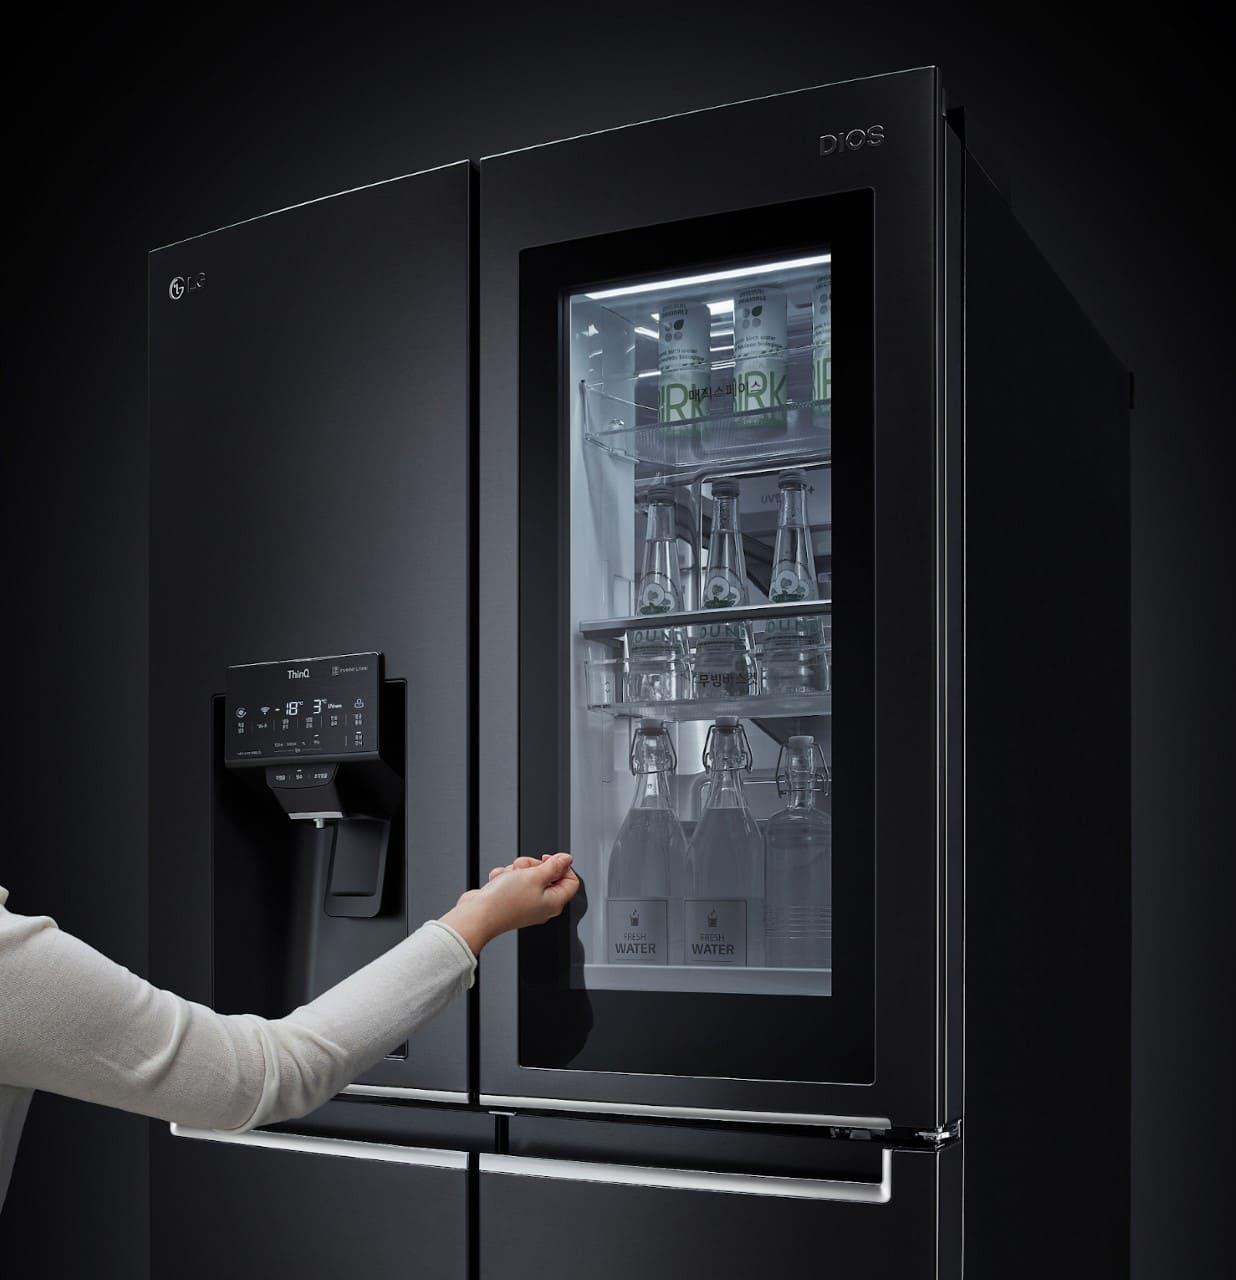 LG Instaview son los nuevos refrigeradores que se presentarán en el CES 2021